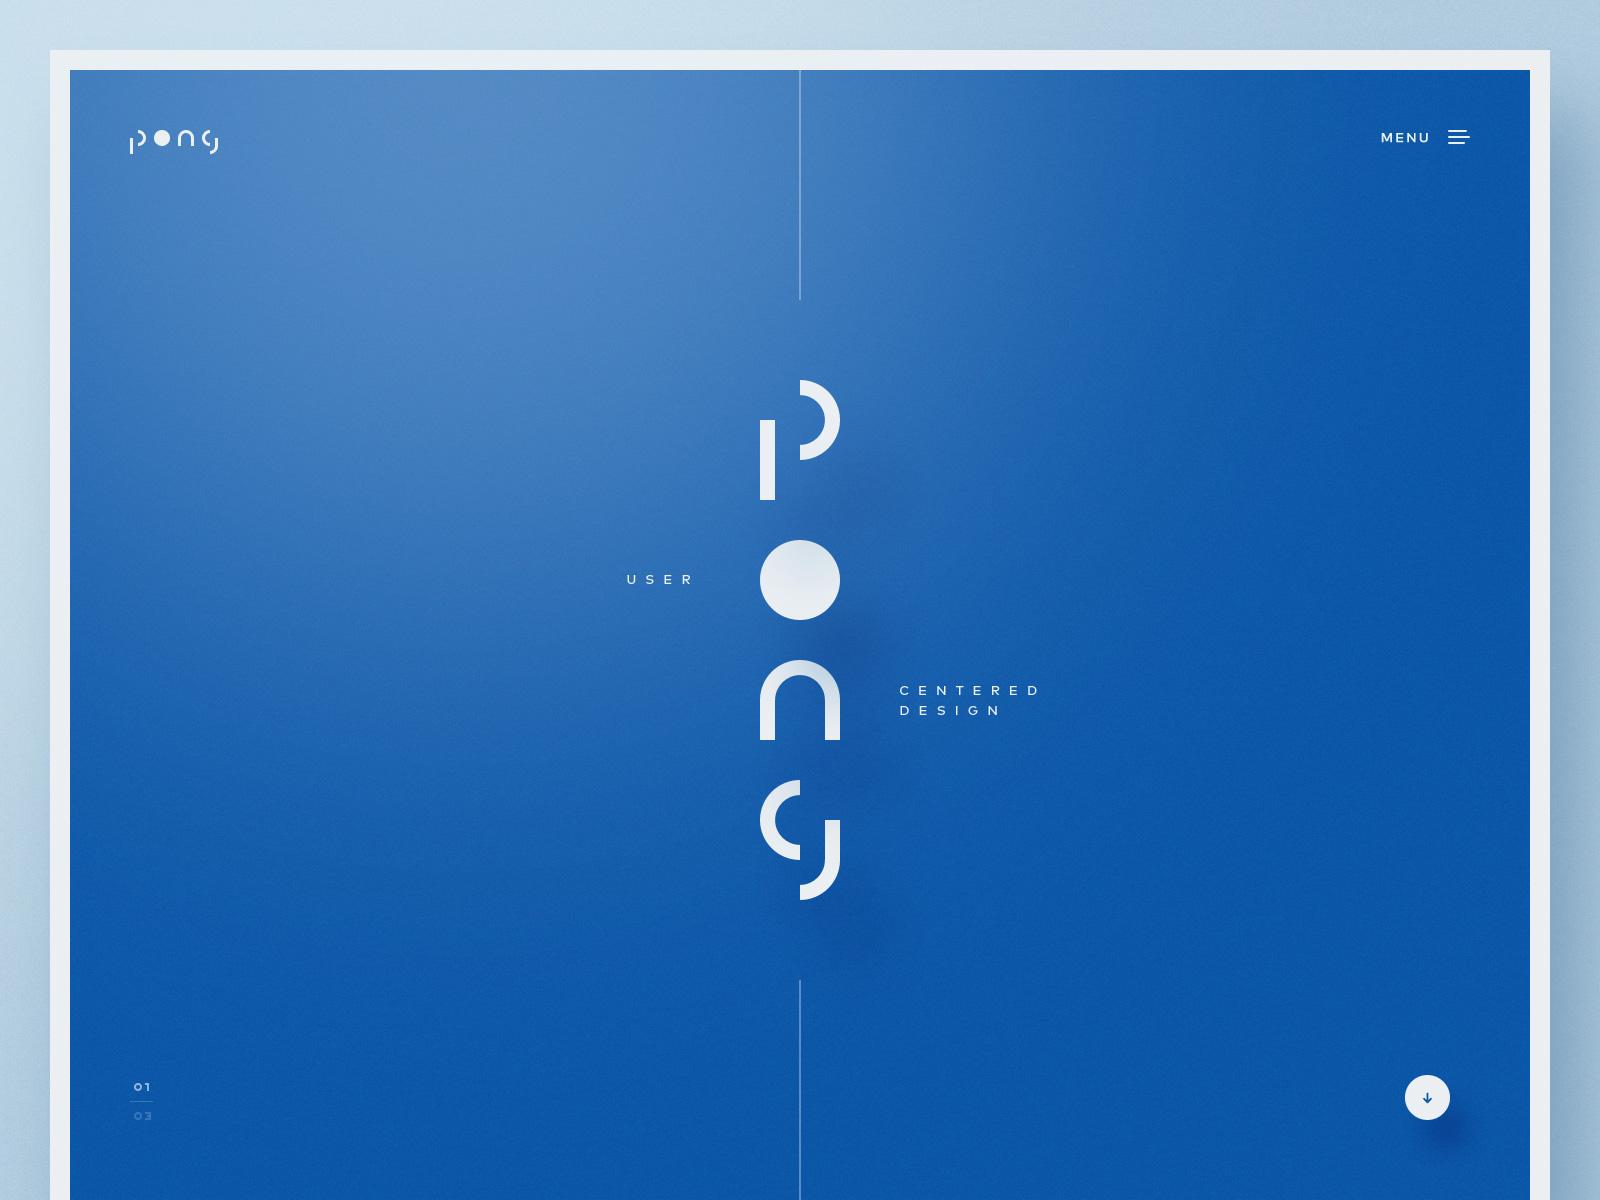 Pong user centered design c hi res